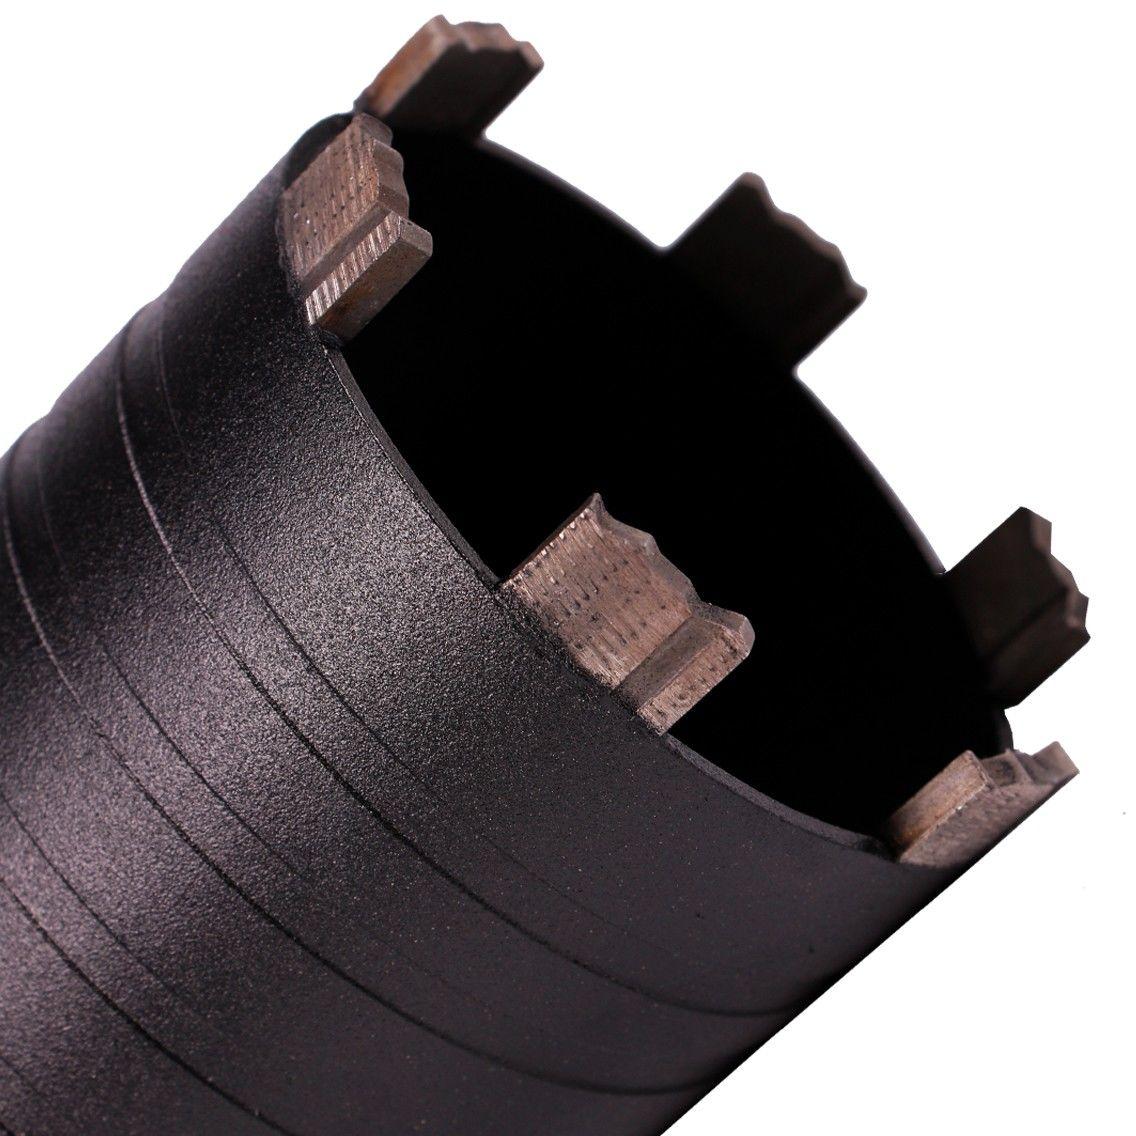 Wiertło Diamentowe Koronowe 72x300-5x1 1/4 UNC RS-TX Beton na Sucho